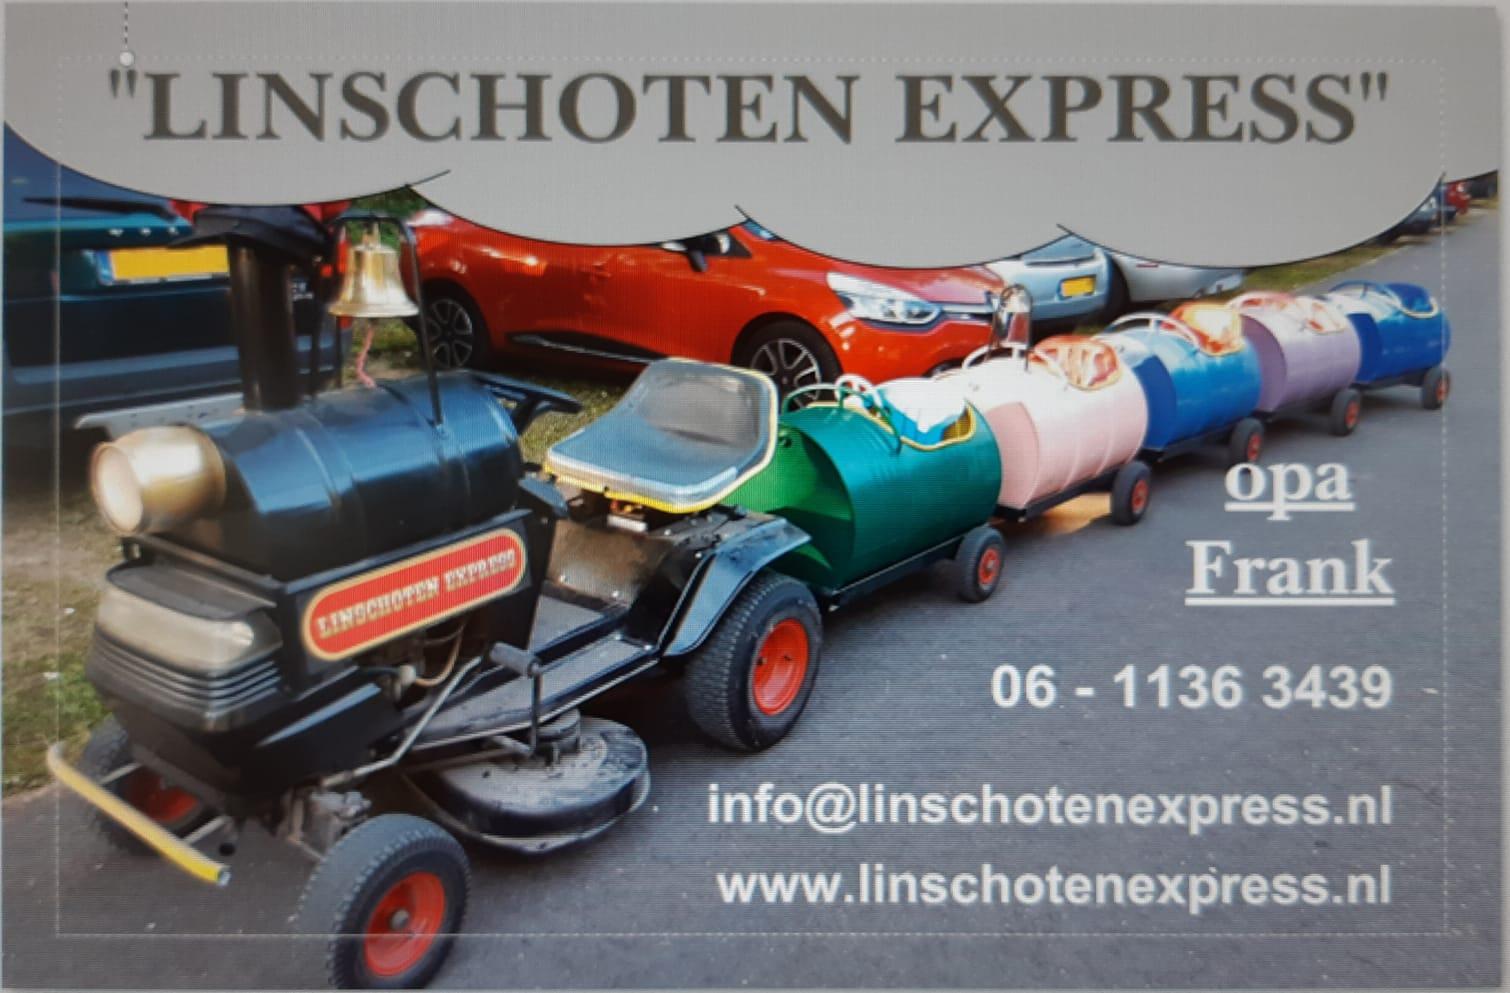 Linschoten Express